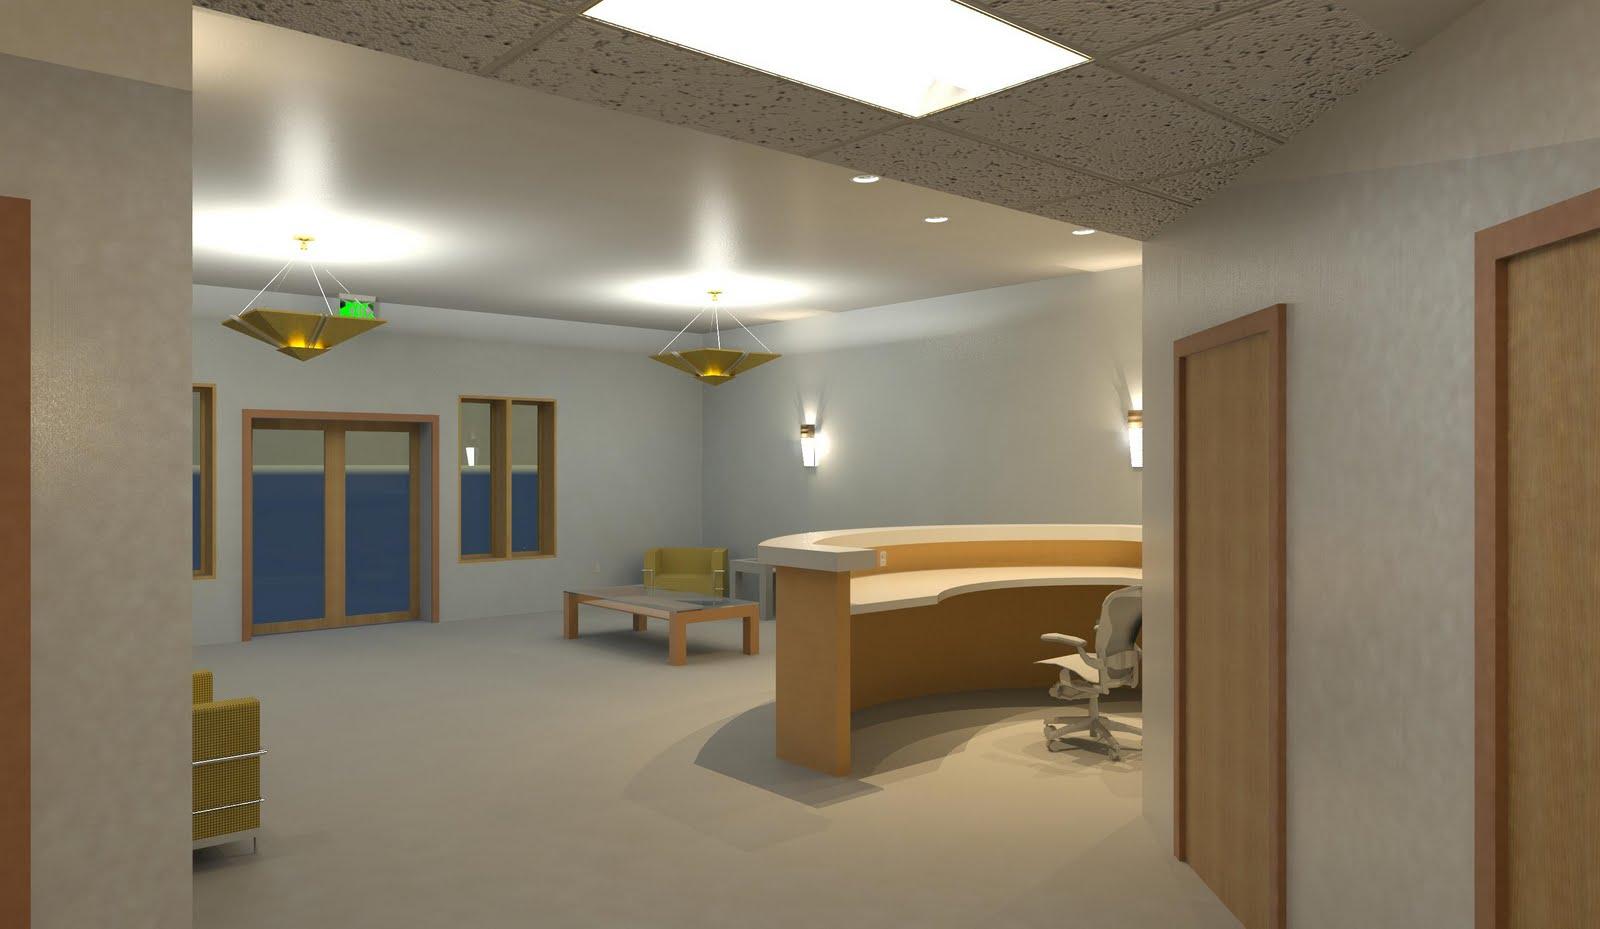 Il futuro del Lighting Design passa attraverso il BIM Building Information Modelling